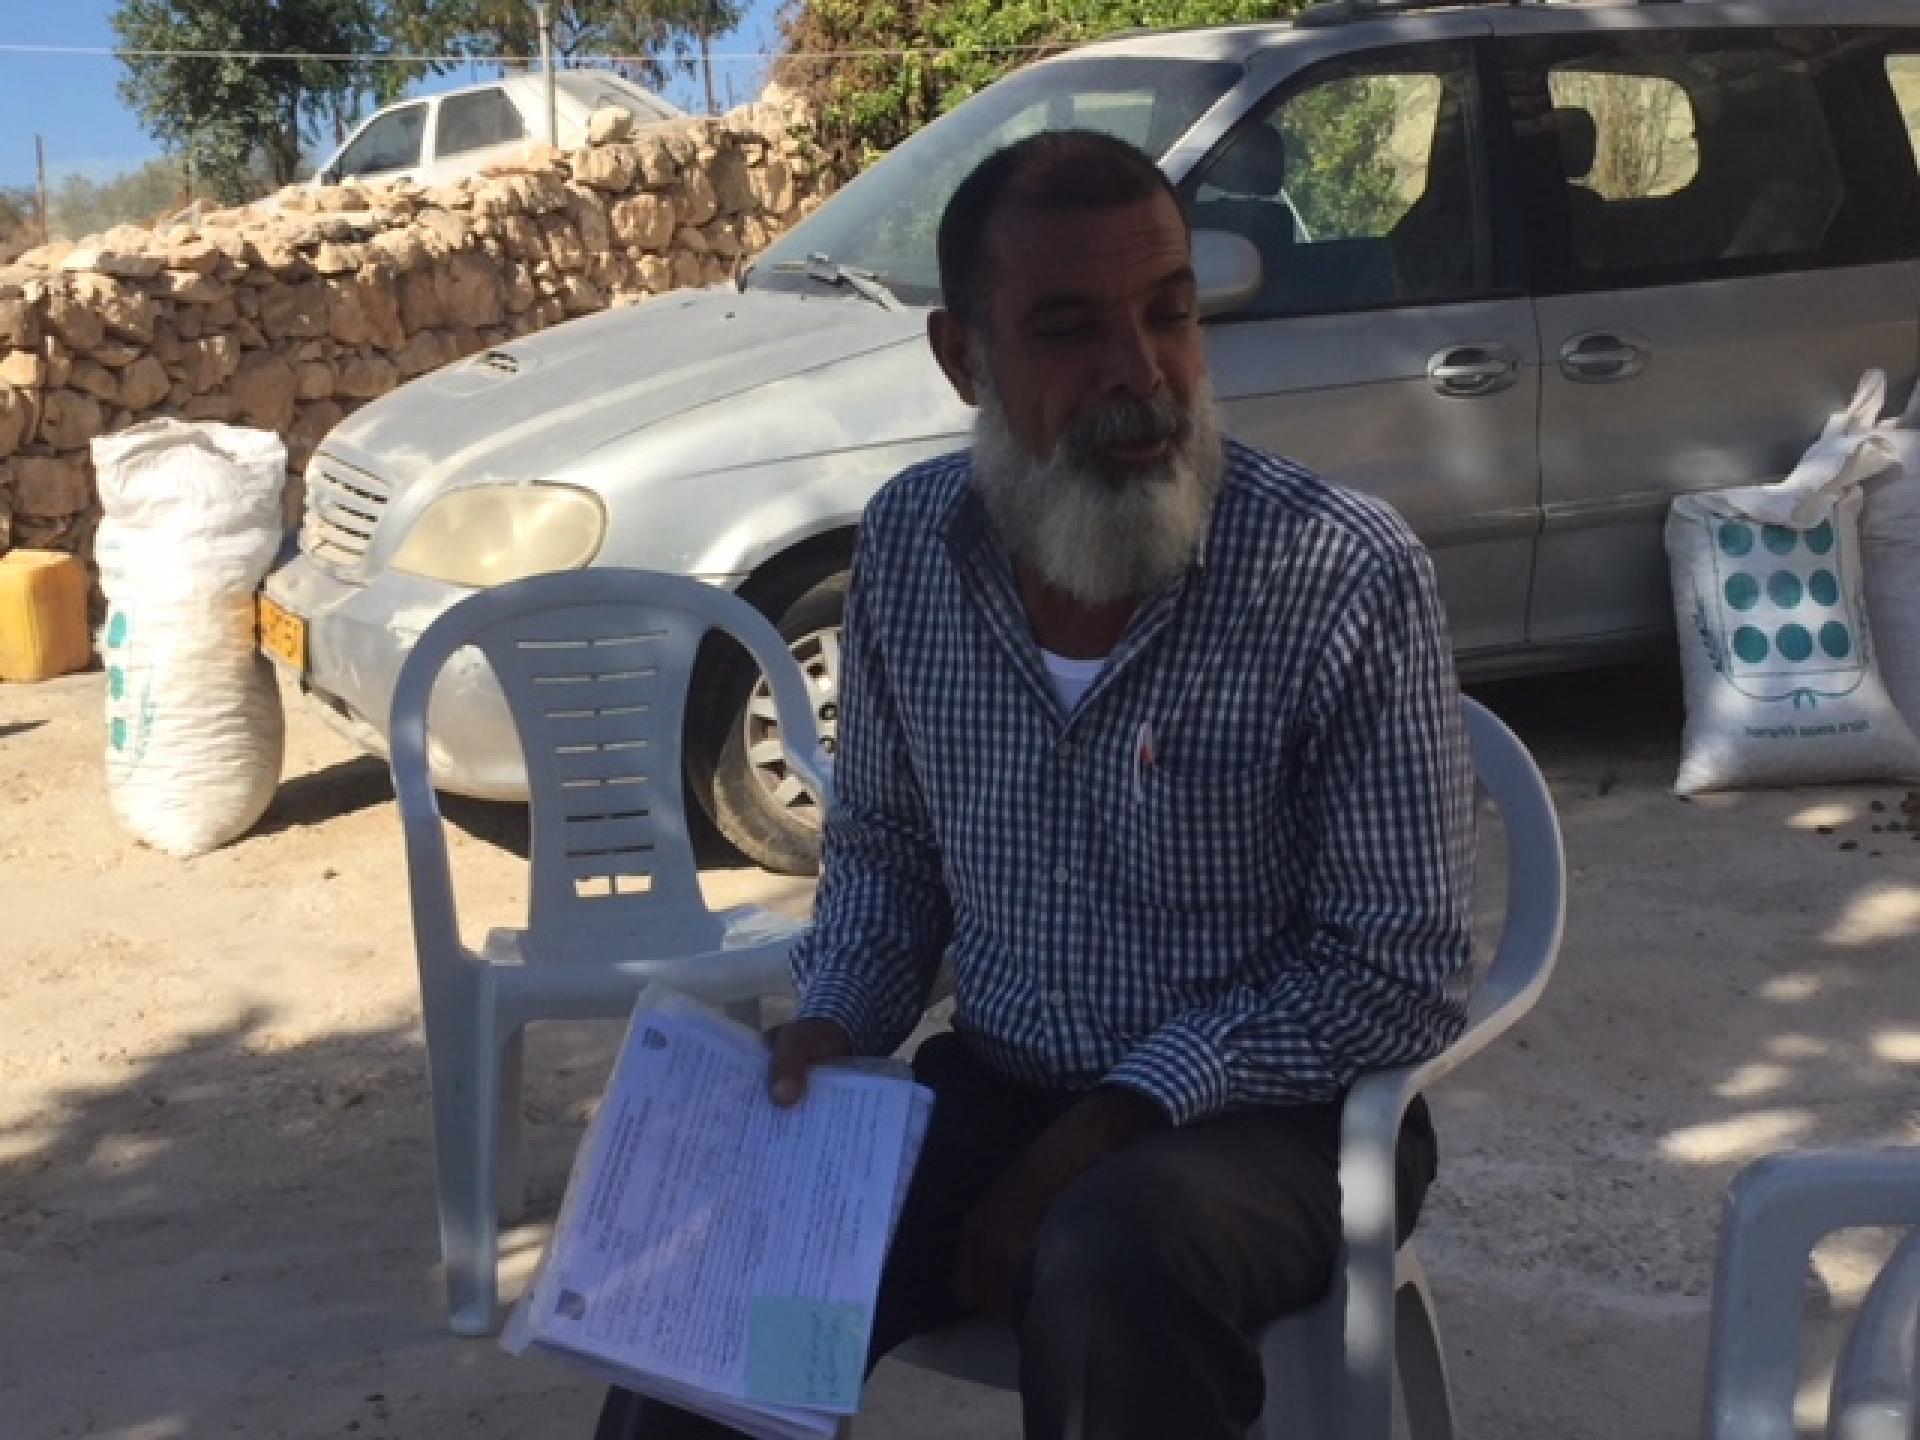 אדם יושב ליד המכונית בחצר ובידו מסמכים